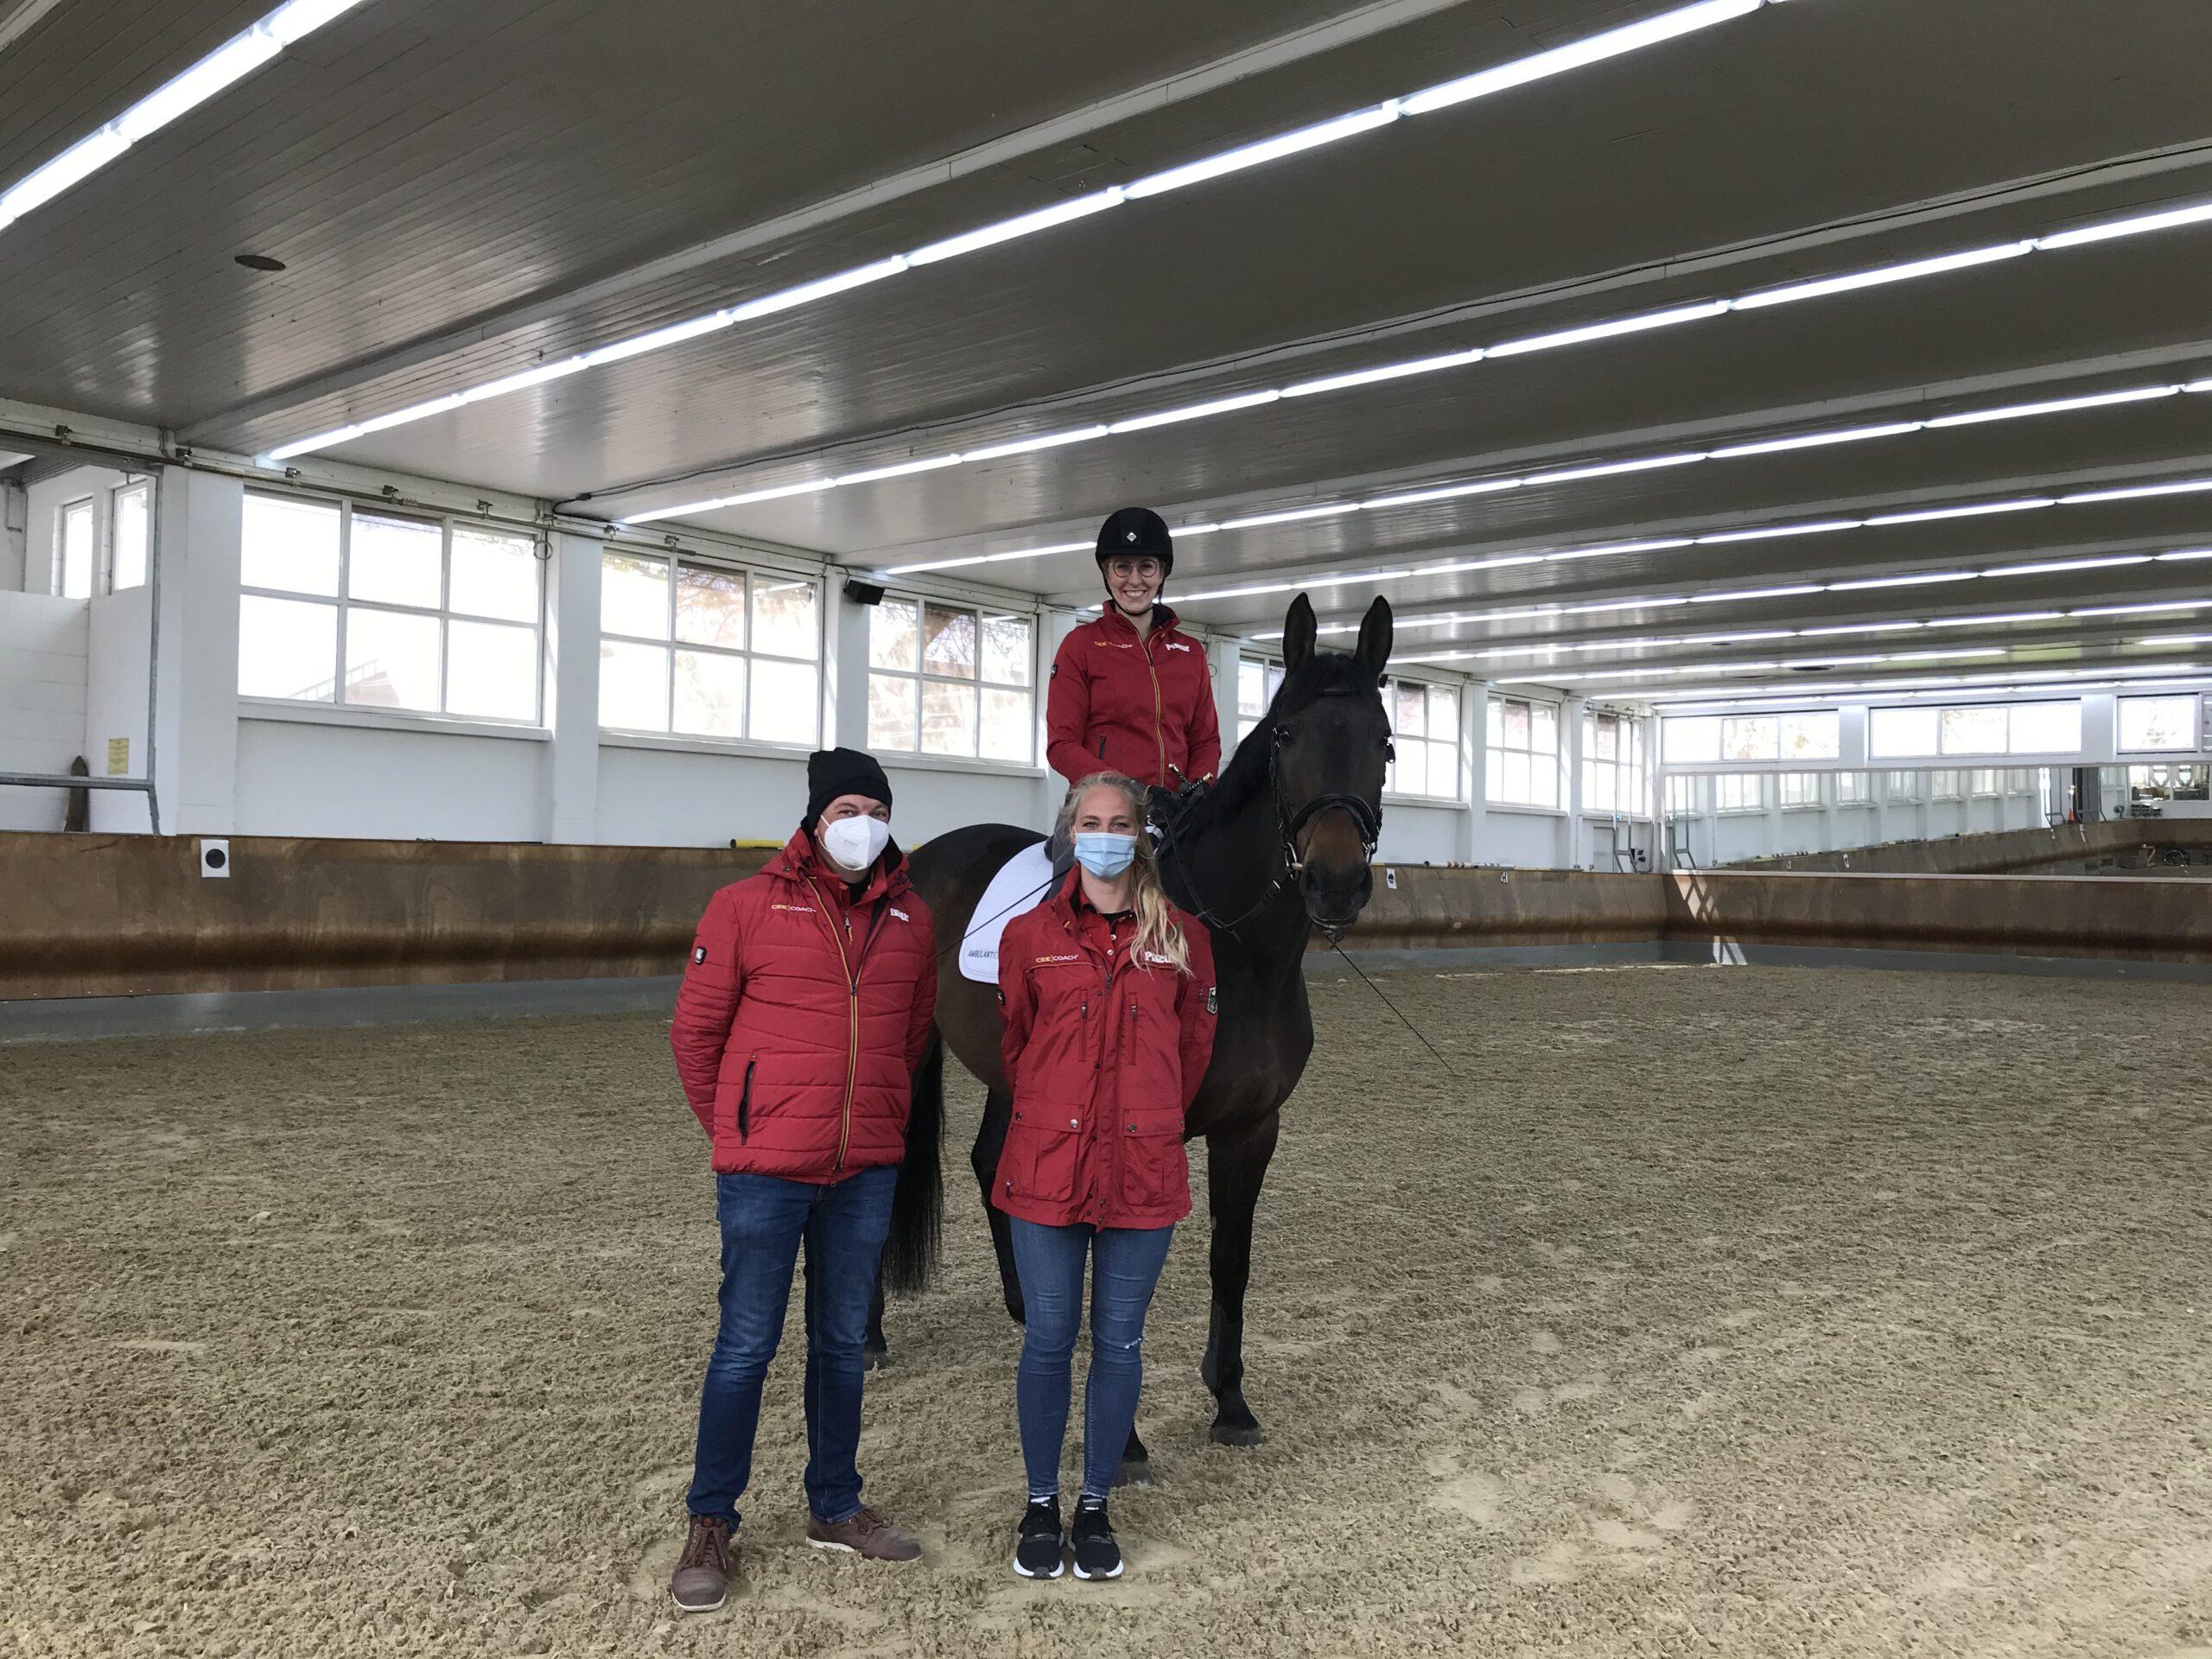 Vor einem Pferd mit Reiterin stehen zwei Personen. Alle drei tragen eine rote Jacke. Sie befinden sich in einer Reithalle.